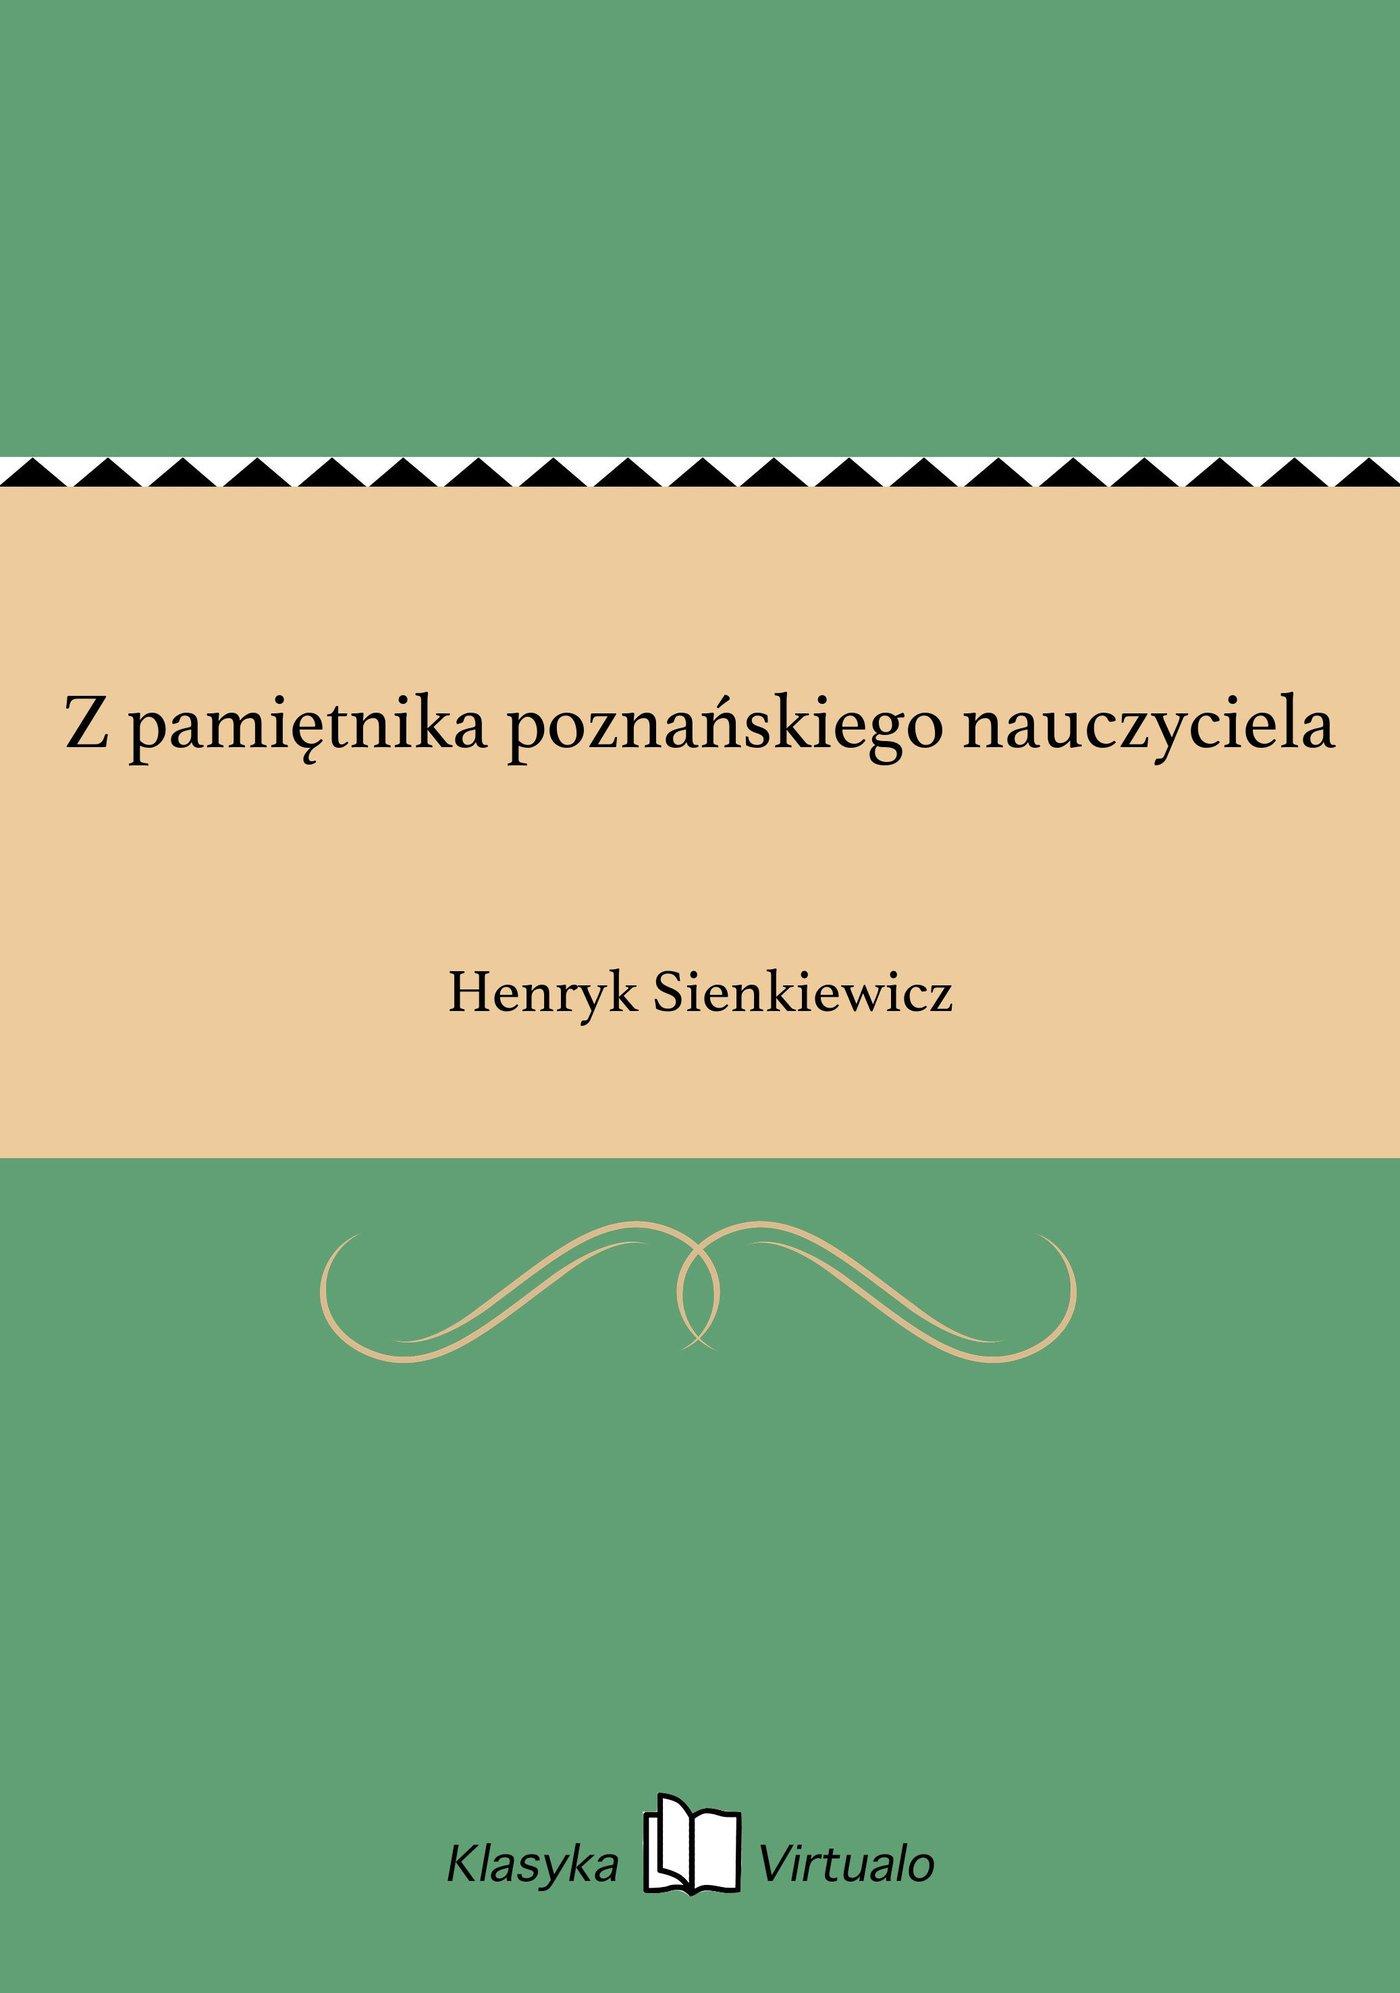 Z pamiętnika poznańskiego nauczyciela - Ebook (Książka na Kindle) do pobrania w formacie MOBI